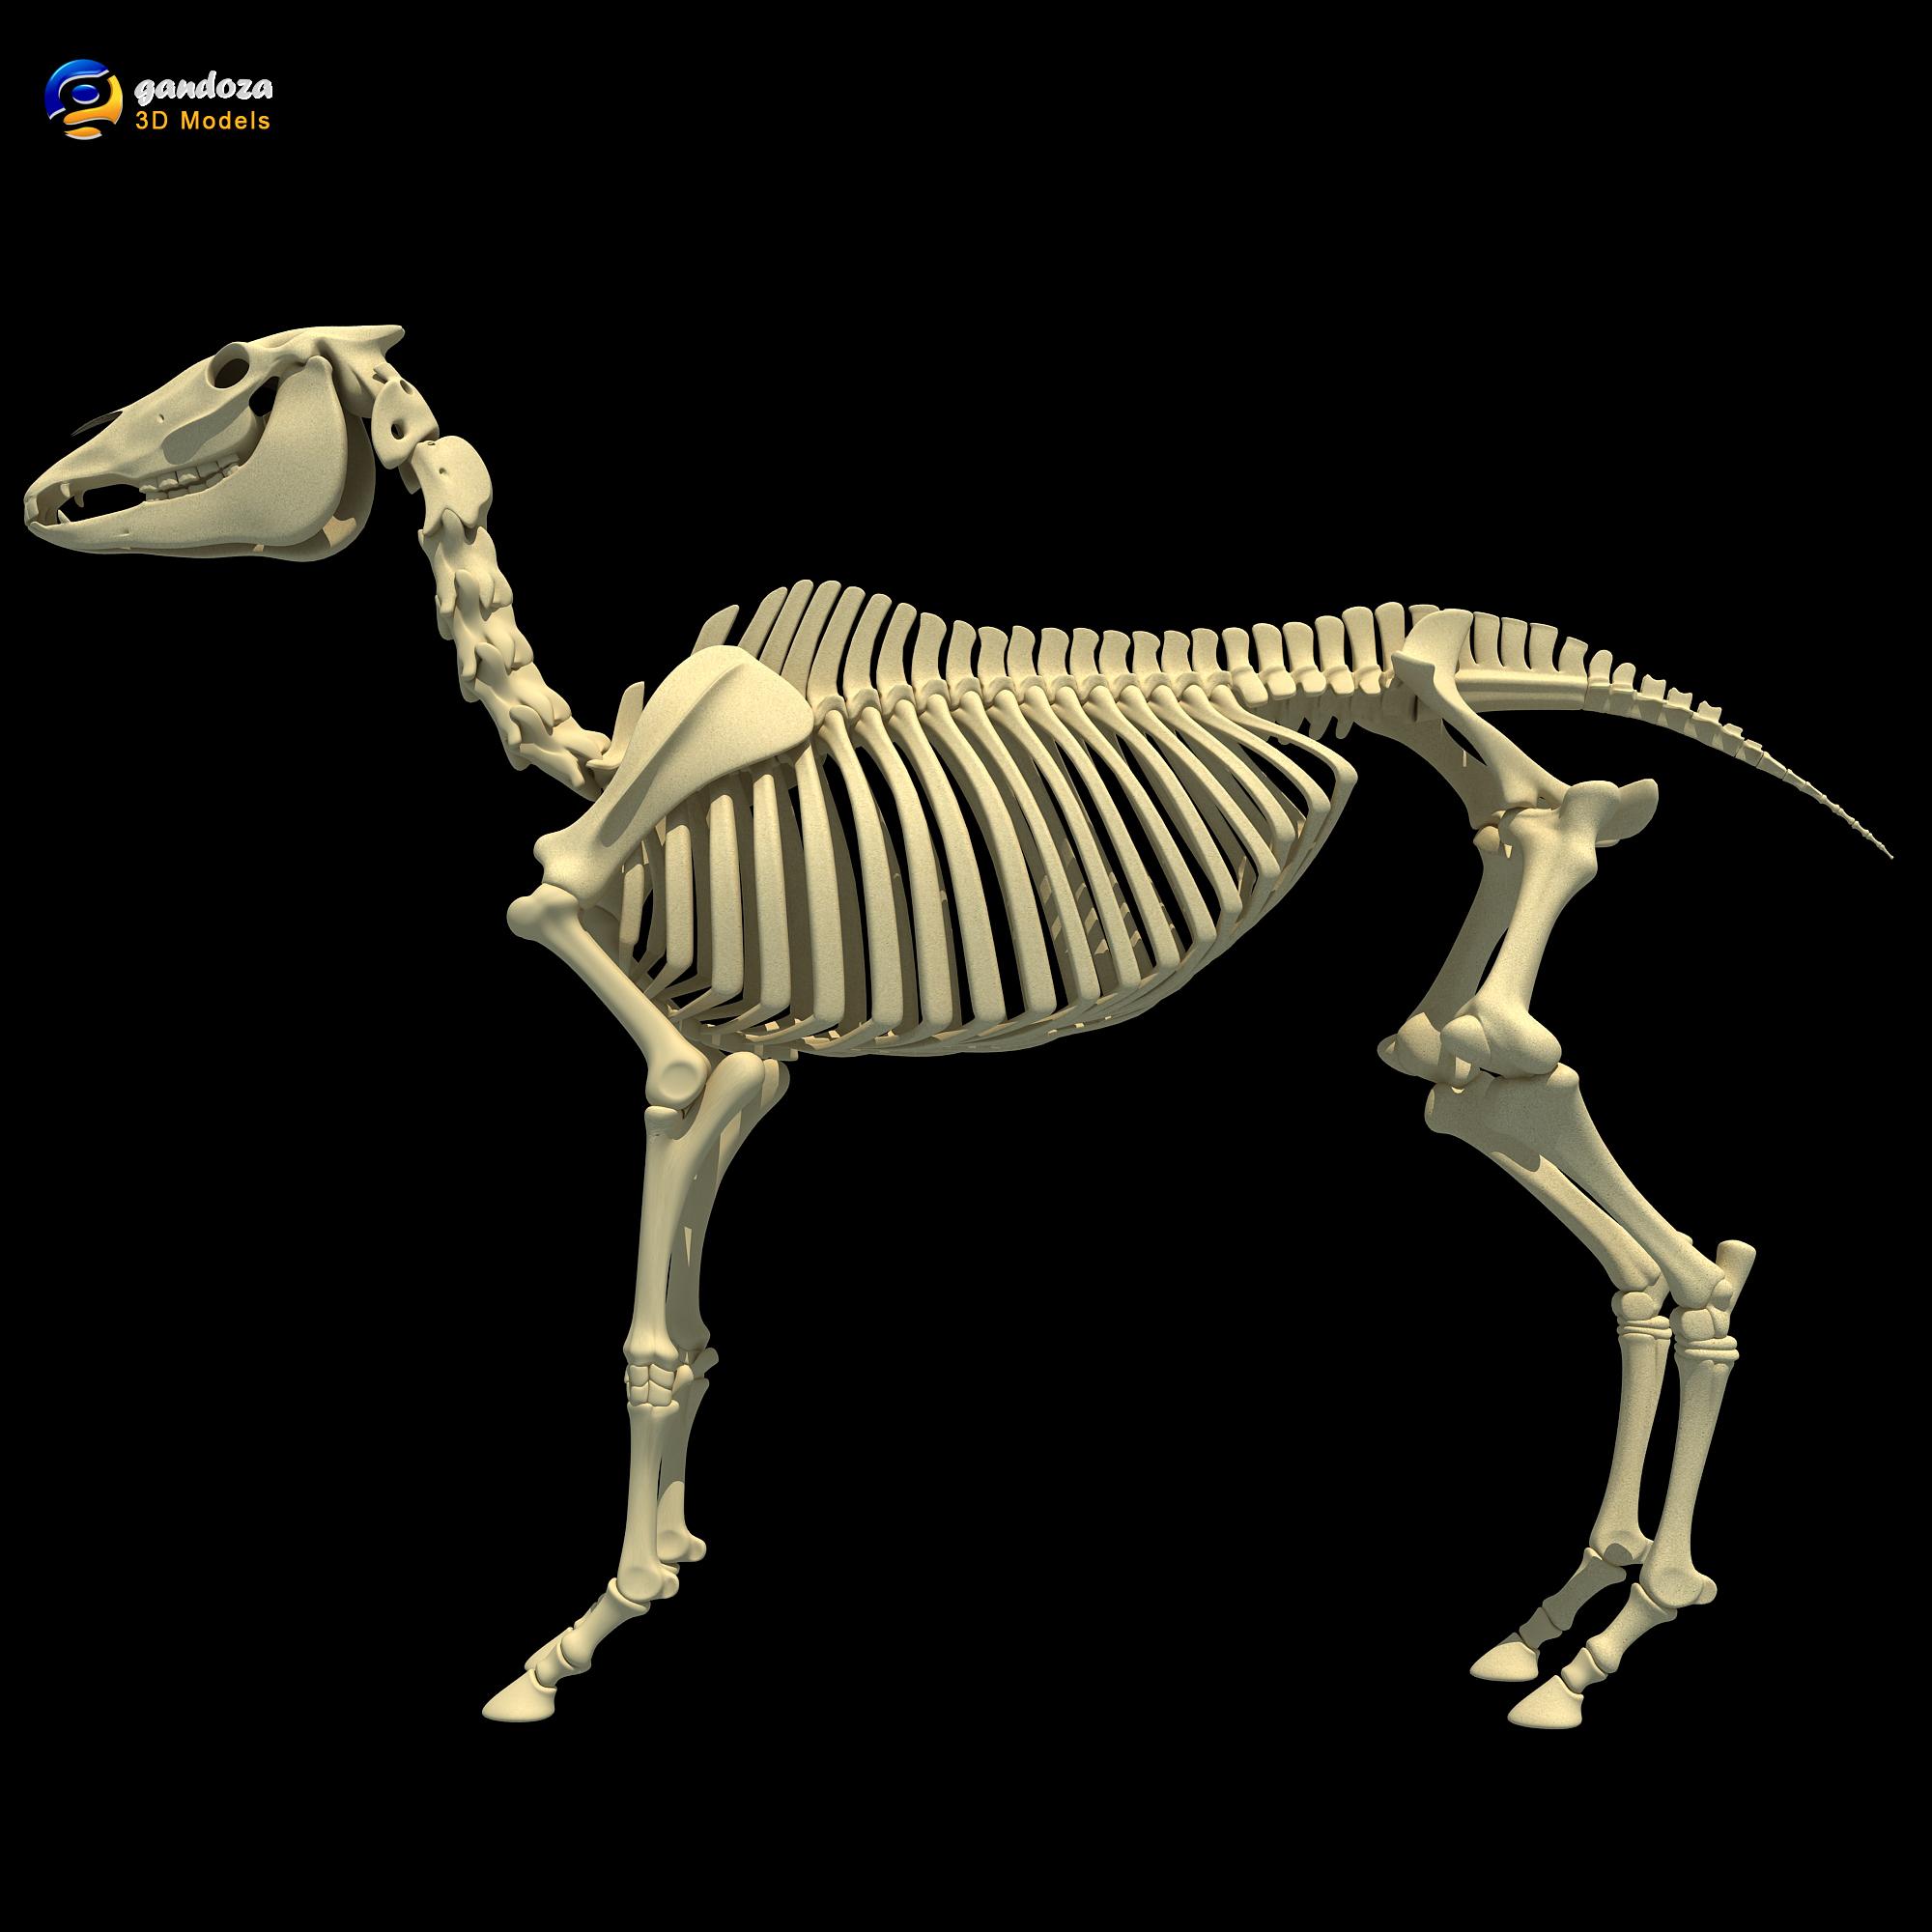 3D Models | Horse Skeleton by Gandoza